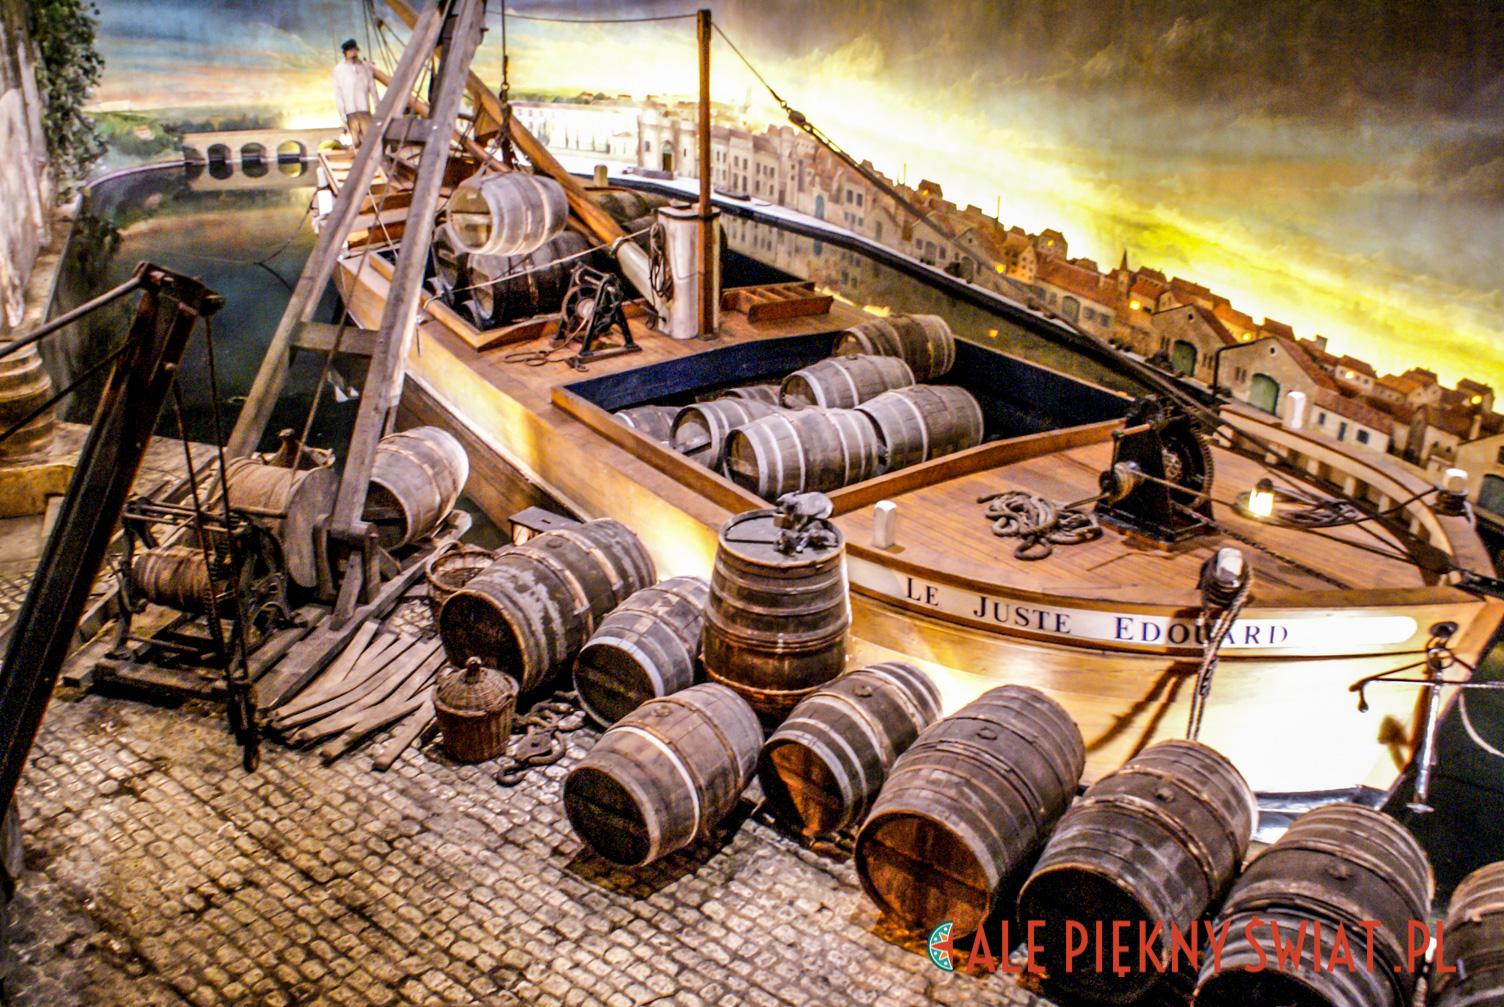 Rekonstrukcja barki, którą koniak spływał do Anglii